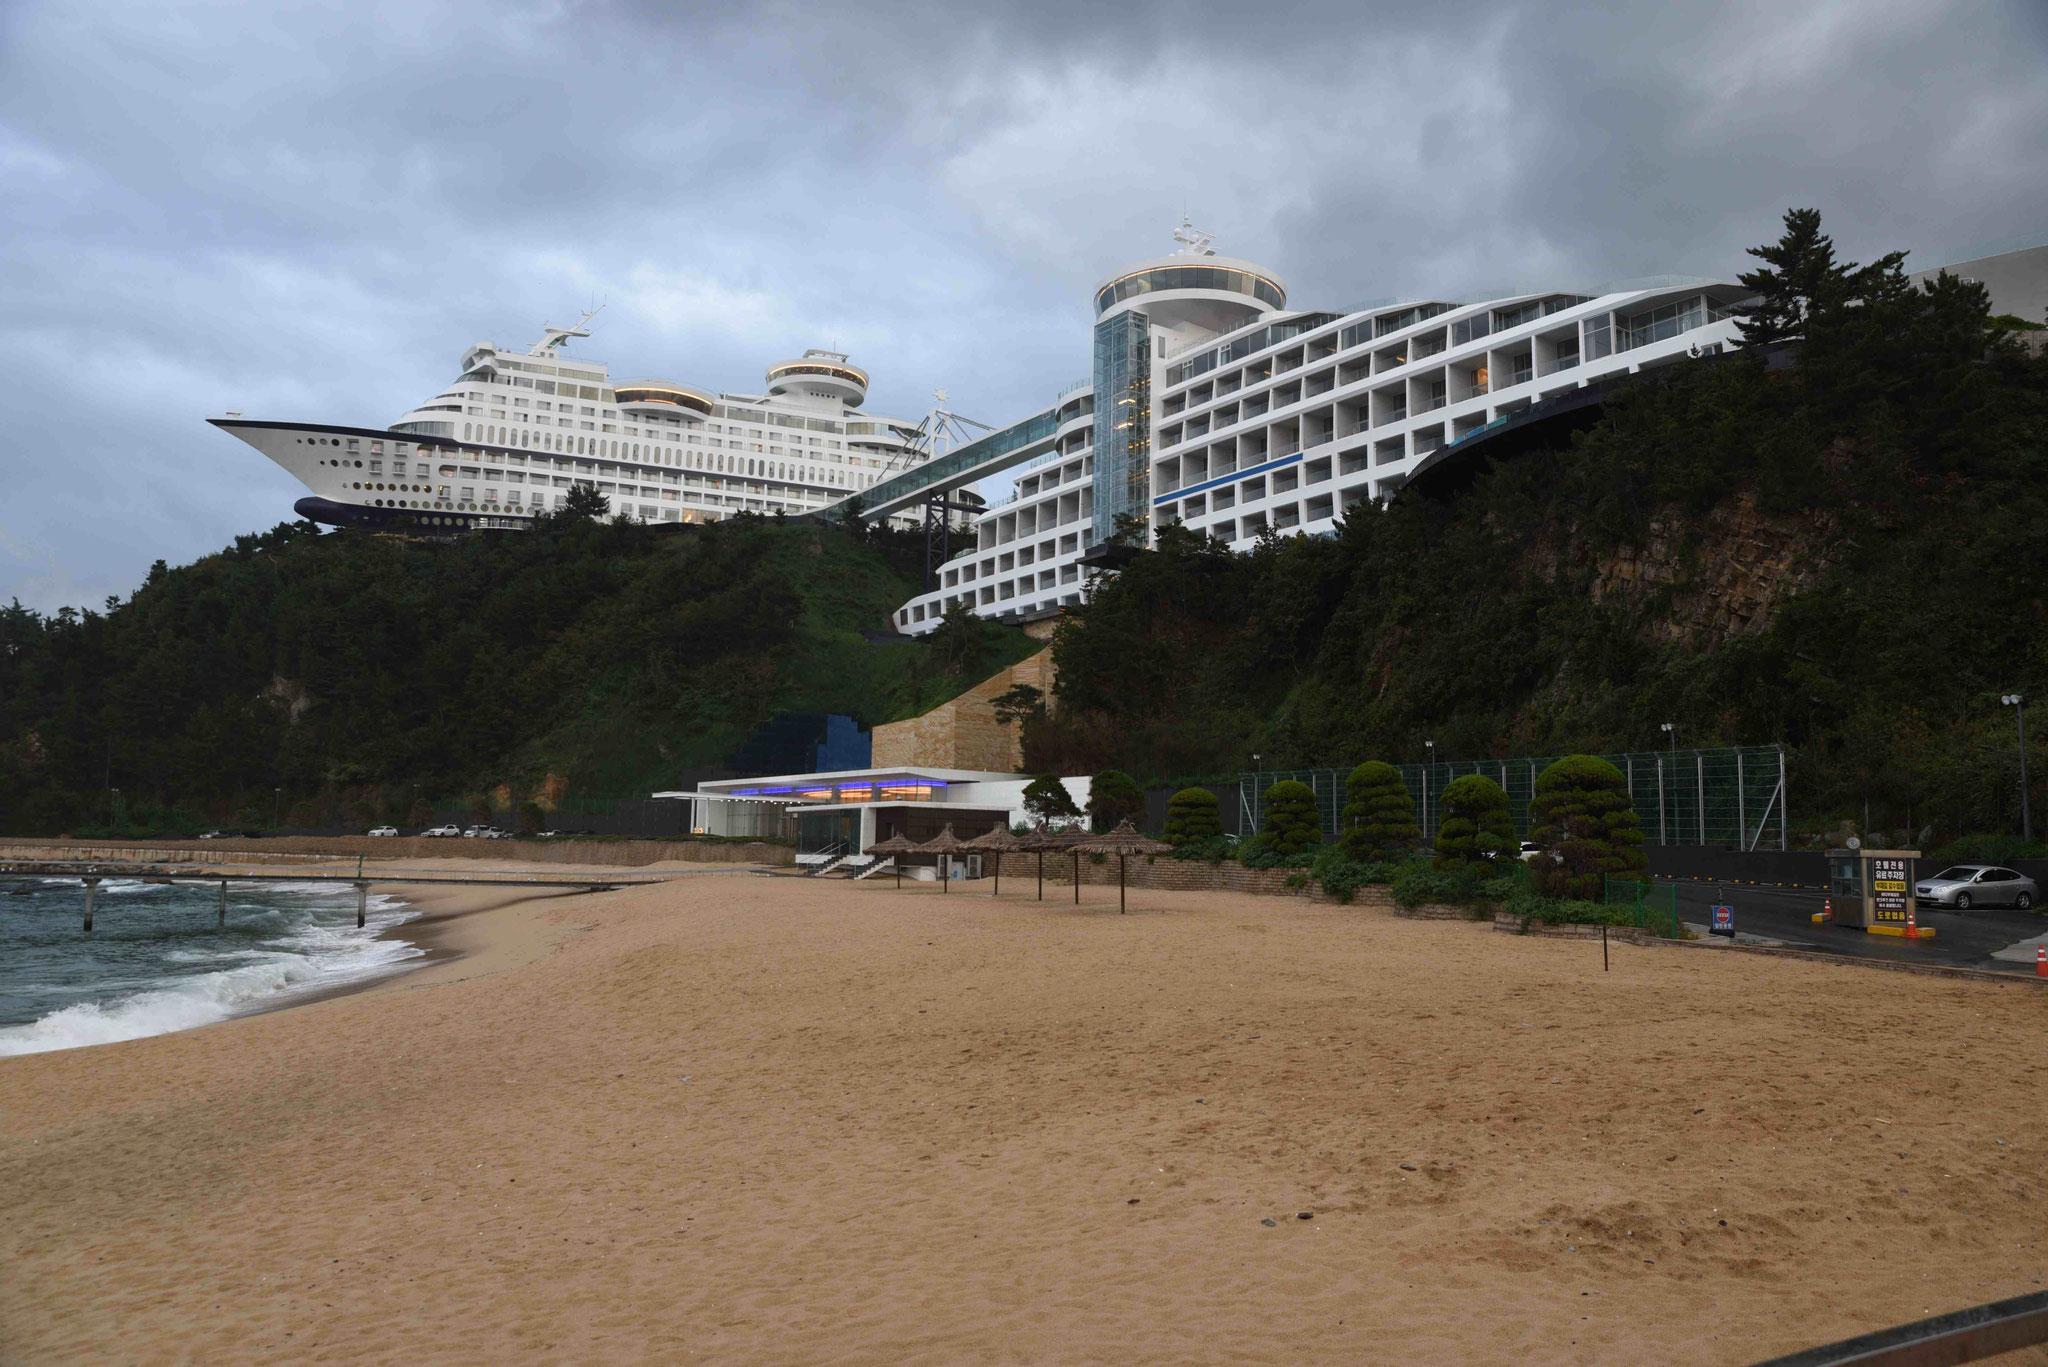 Gag auf koreanisch - Nachbau zweier Schiffe als Hotelanlage